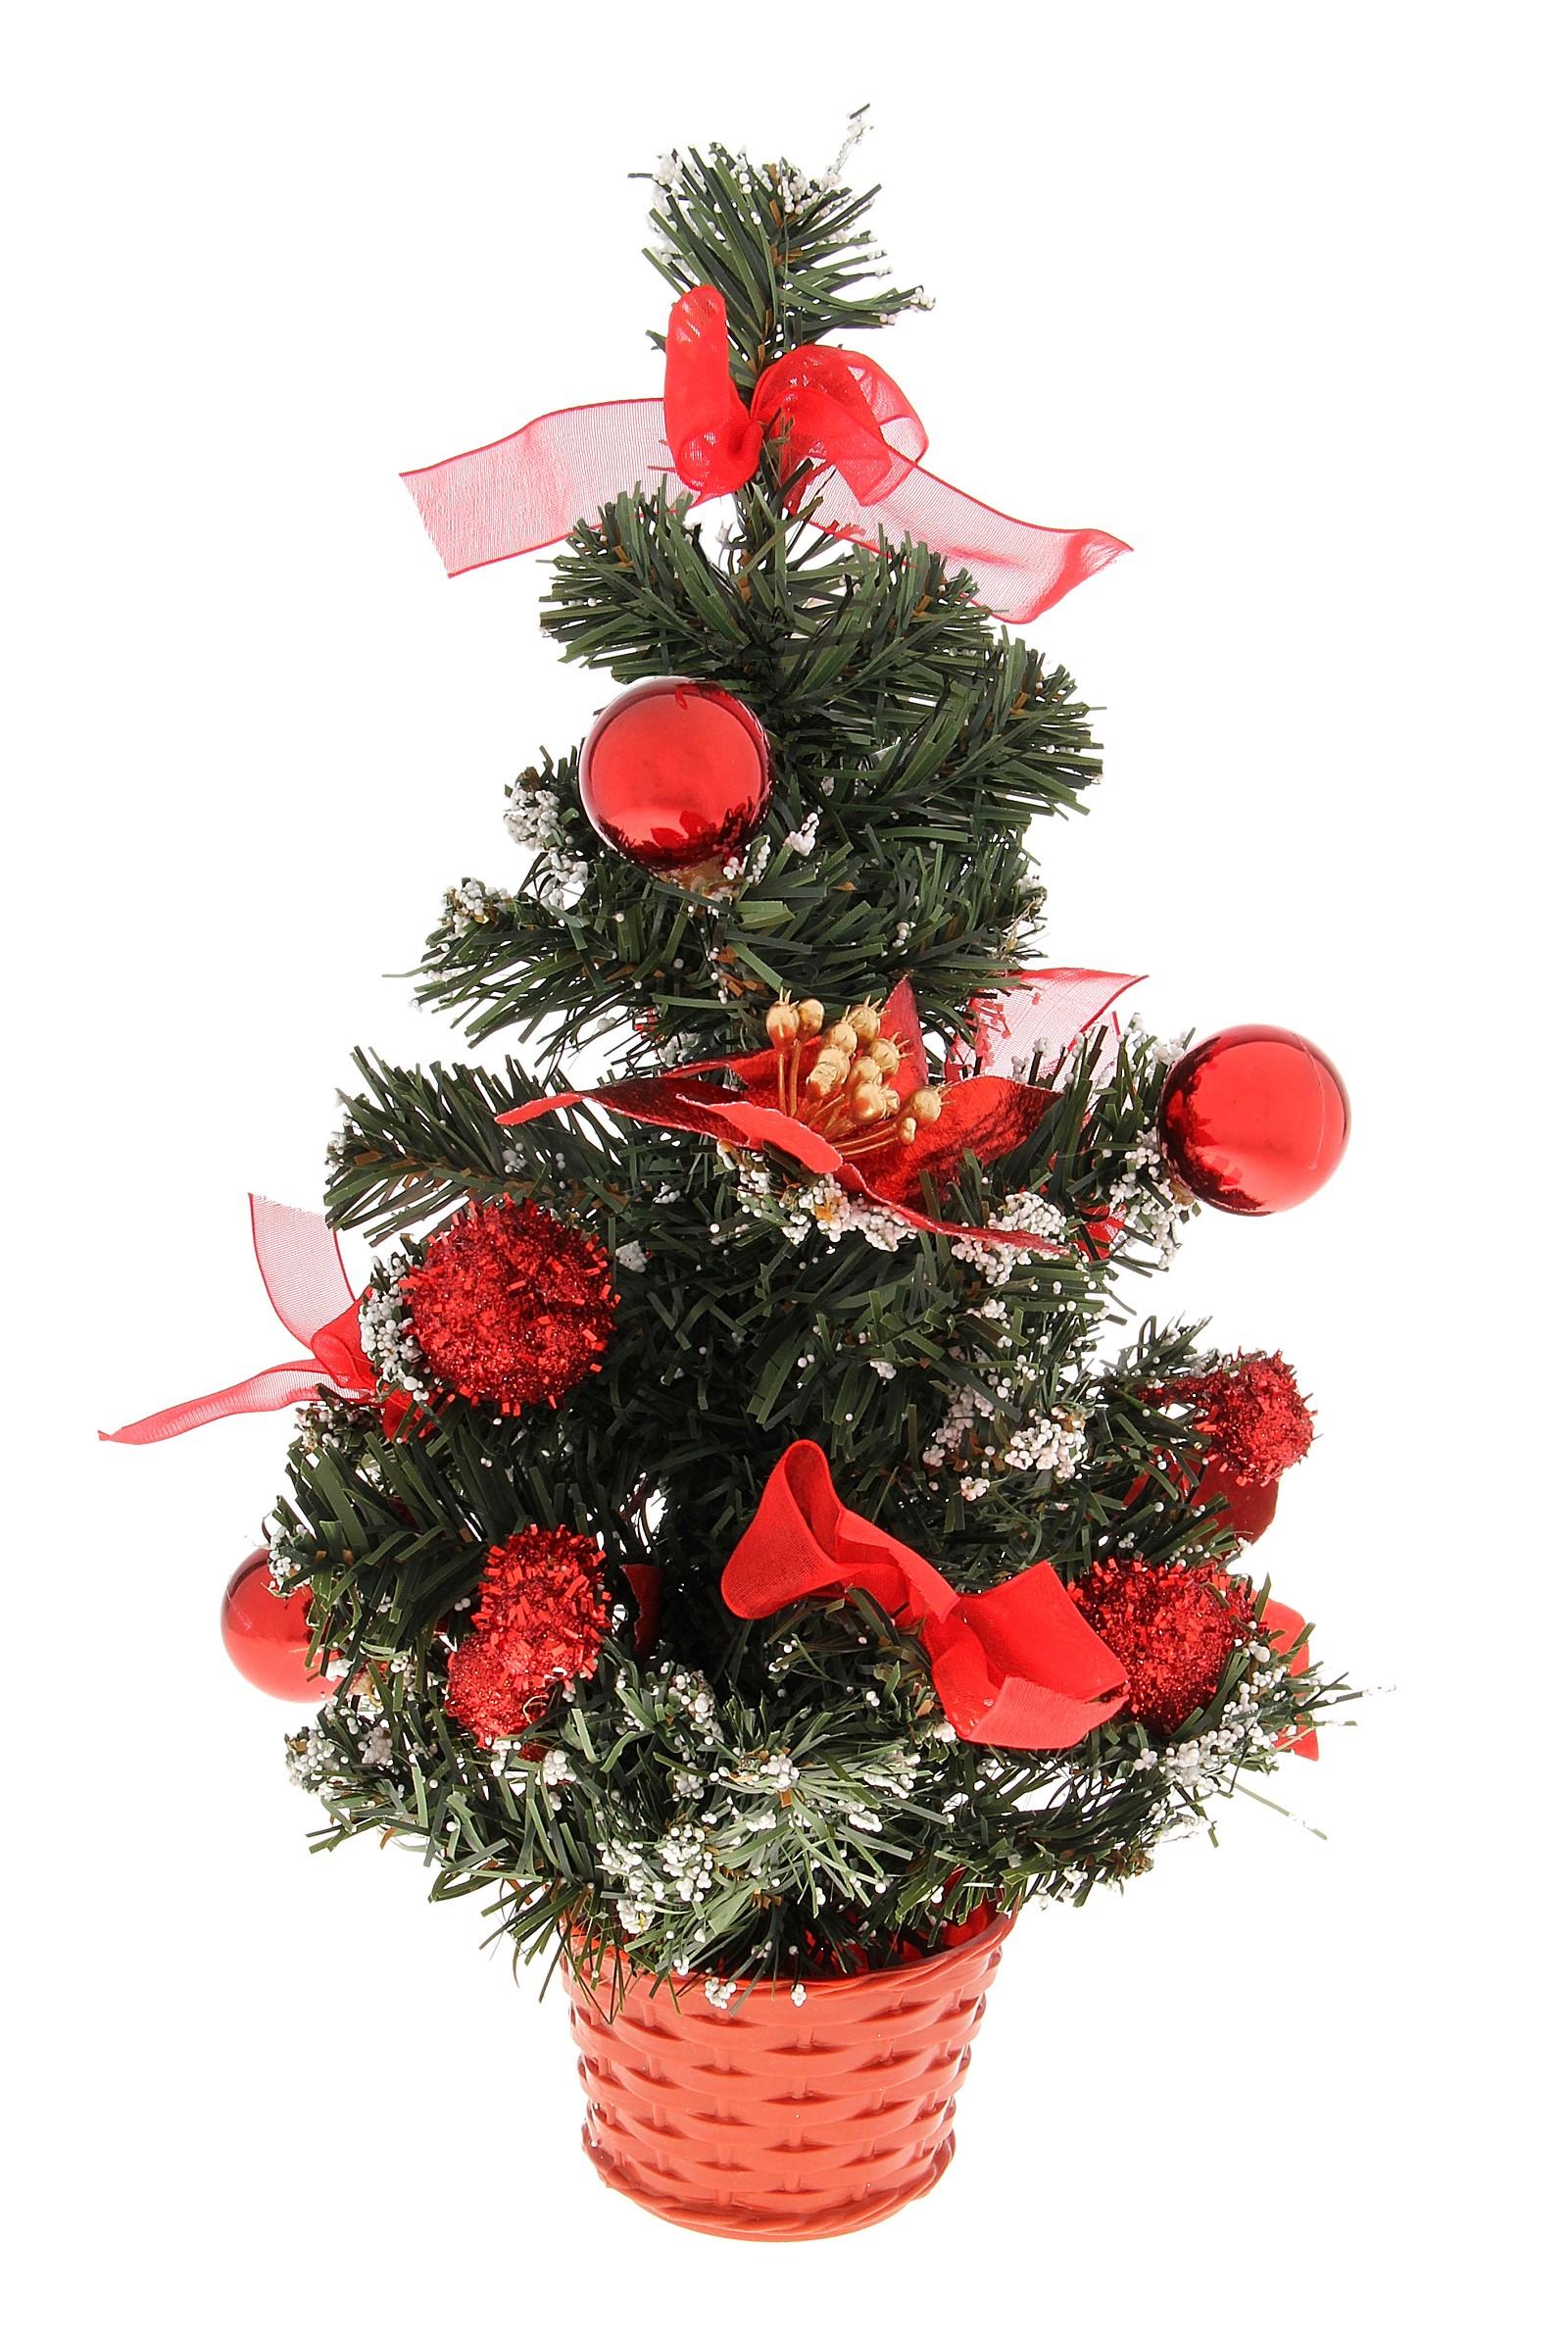 Декоративное украшение Новогодняя елочка. 717973717973Оригинальный дизайн новогодней елки притягивает к себе восторженные взгляды. Елка украшена декоративным снегом, красными лентами, шариками. Елка украсит интерьер вашего дома или офиса к Новому году и создаст теплую и уютную атмосферу праздника. Откройте для себя удивительный мир сказок и грез. Почувствуйте волшебные минуты ожидания праздника, создайте новогоднее настроение вашим дорогим и близким. Характеристики: Материал: пластик. Высота елки: 30 см. Изготовитель: Китай. Артикул: 717973.